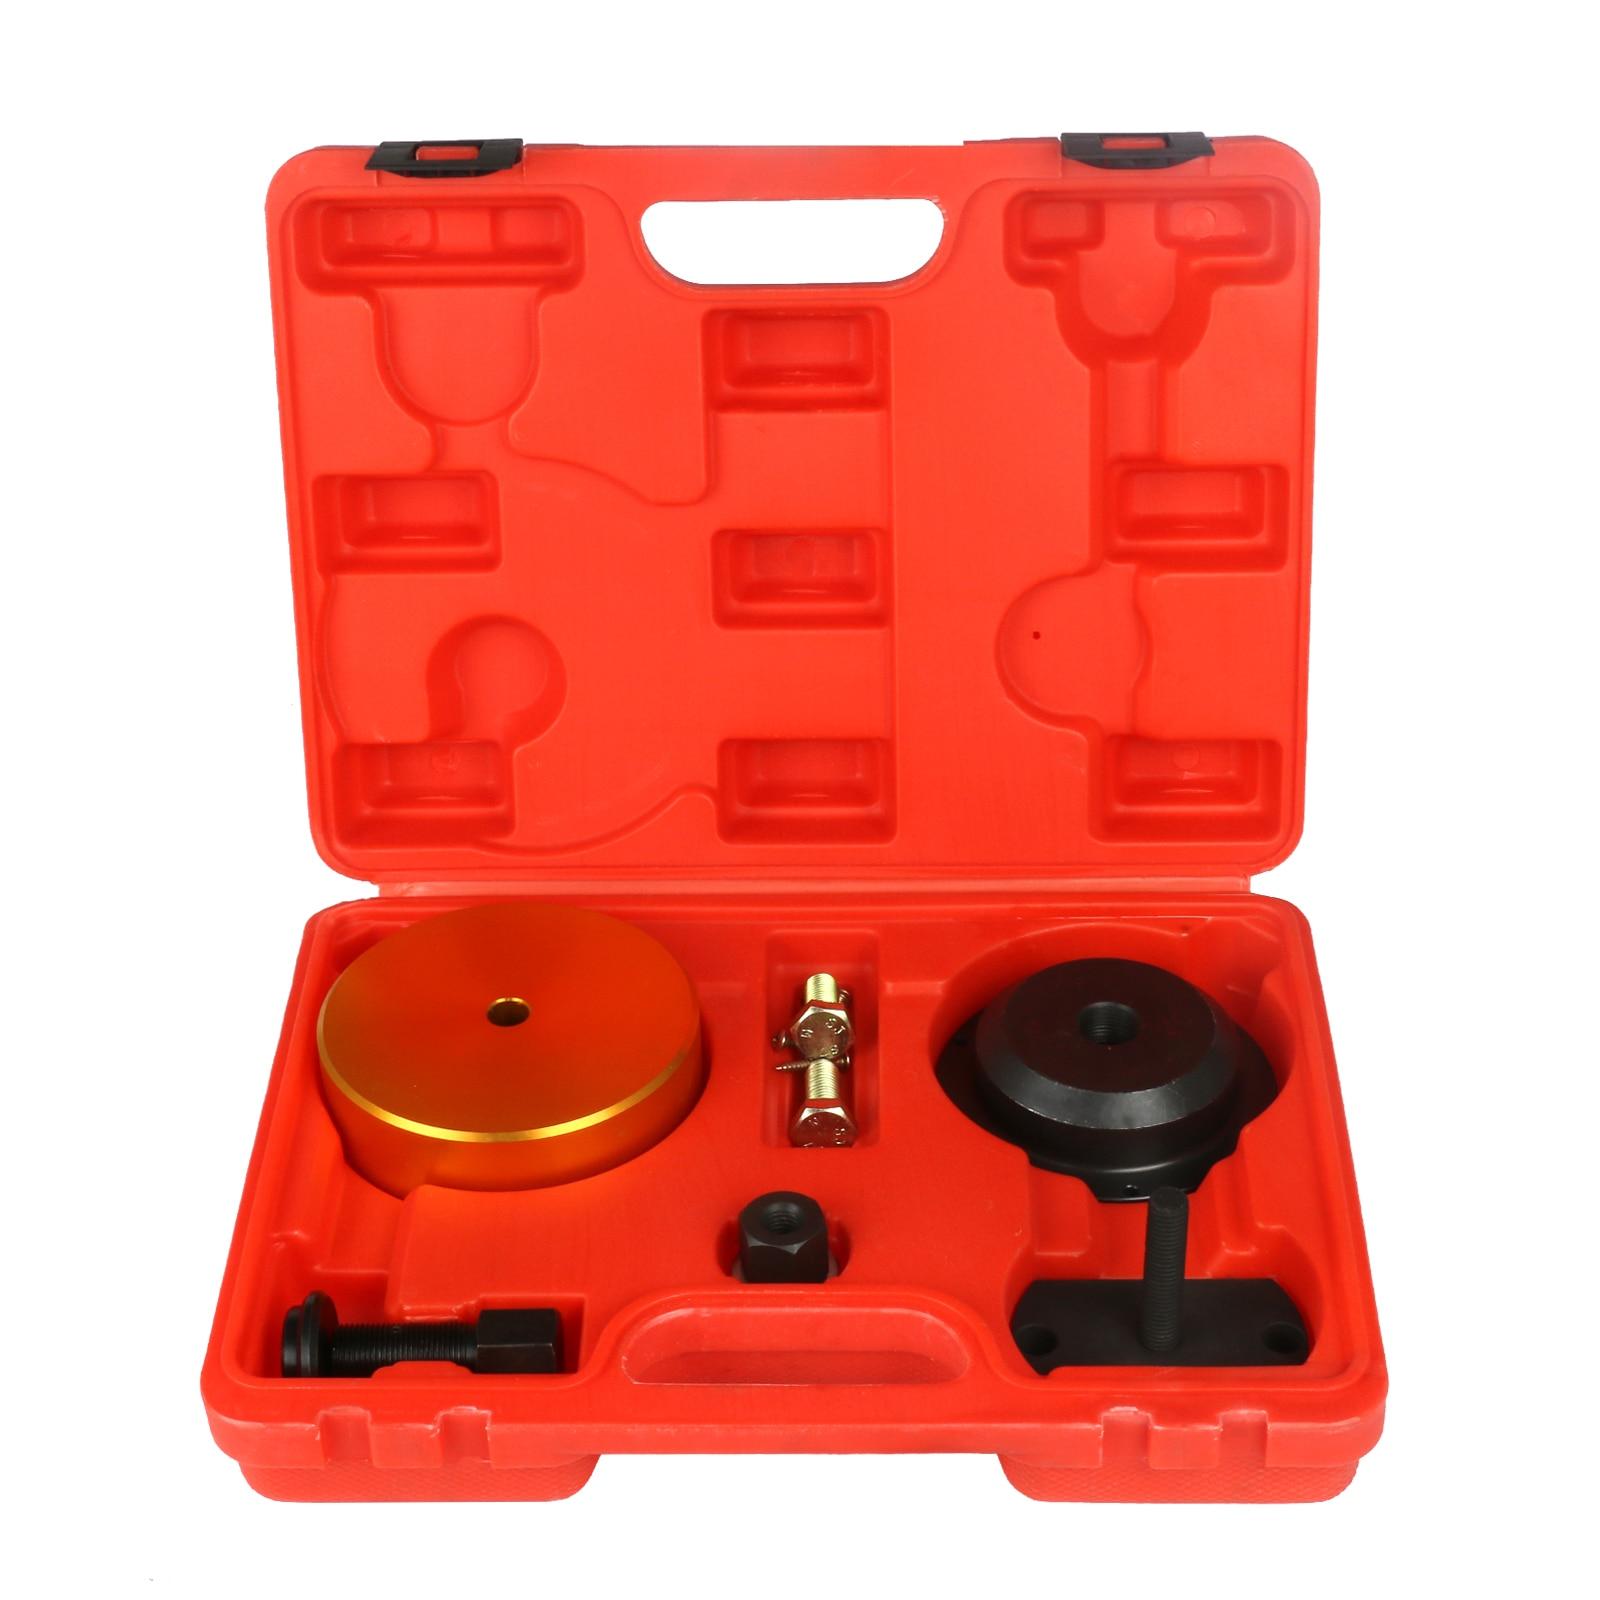 Kit de retrait/Installation de joint d'huile de vilebrequin TULANAUTO BMW pour moteurs N42 N46 N52 N53 N54 N45